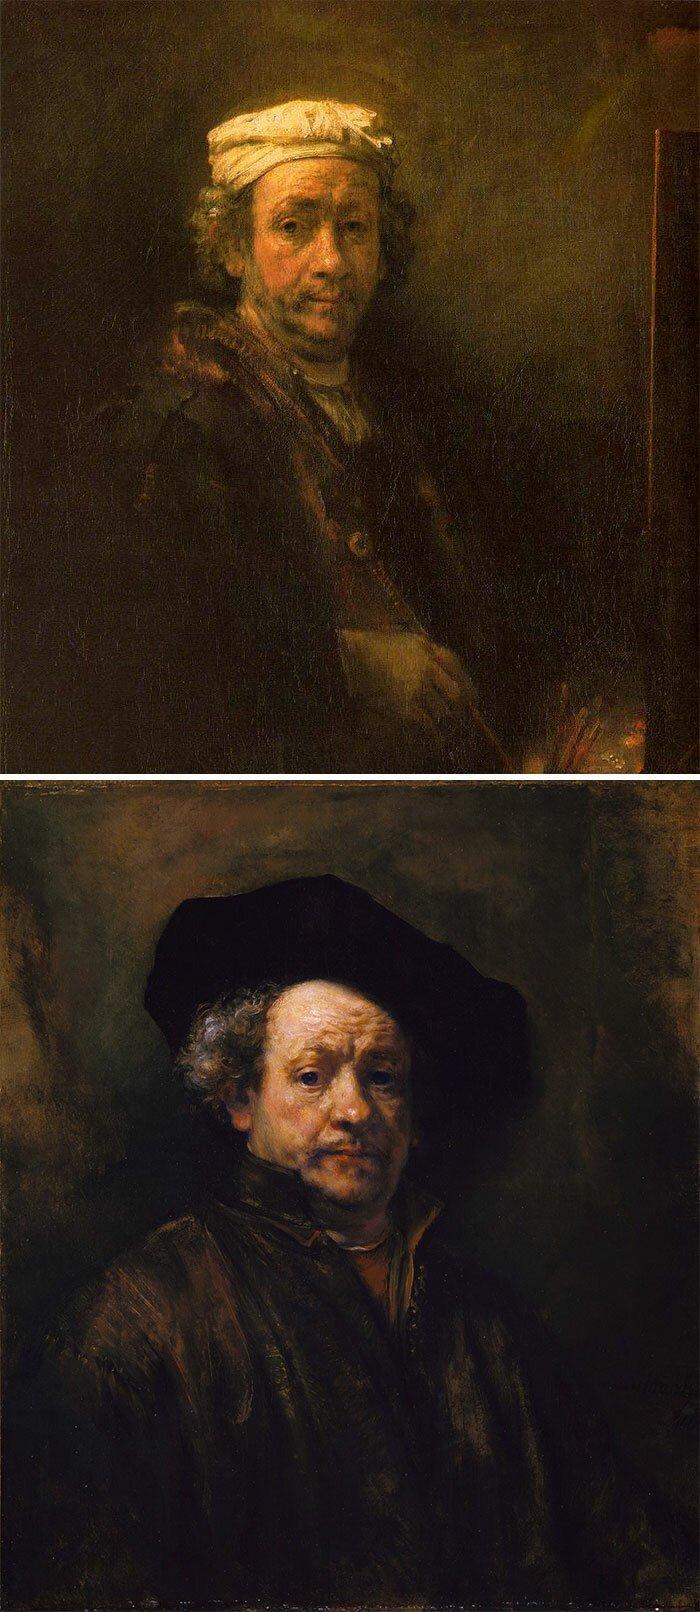 Как стать экспертом в живописи? Вот забавное руководство (35 фото)